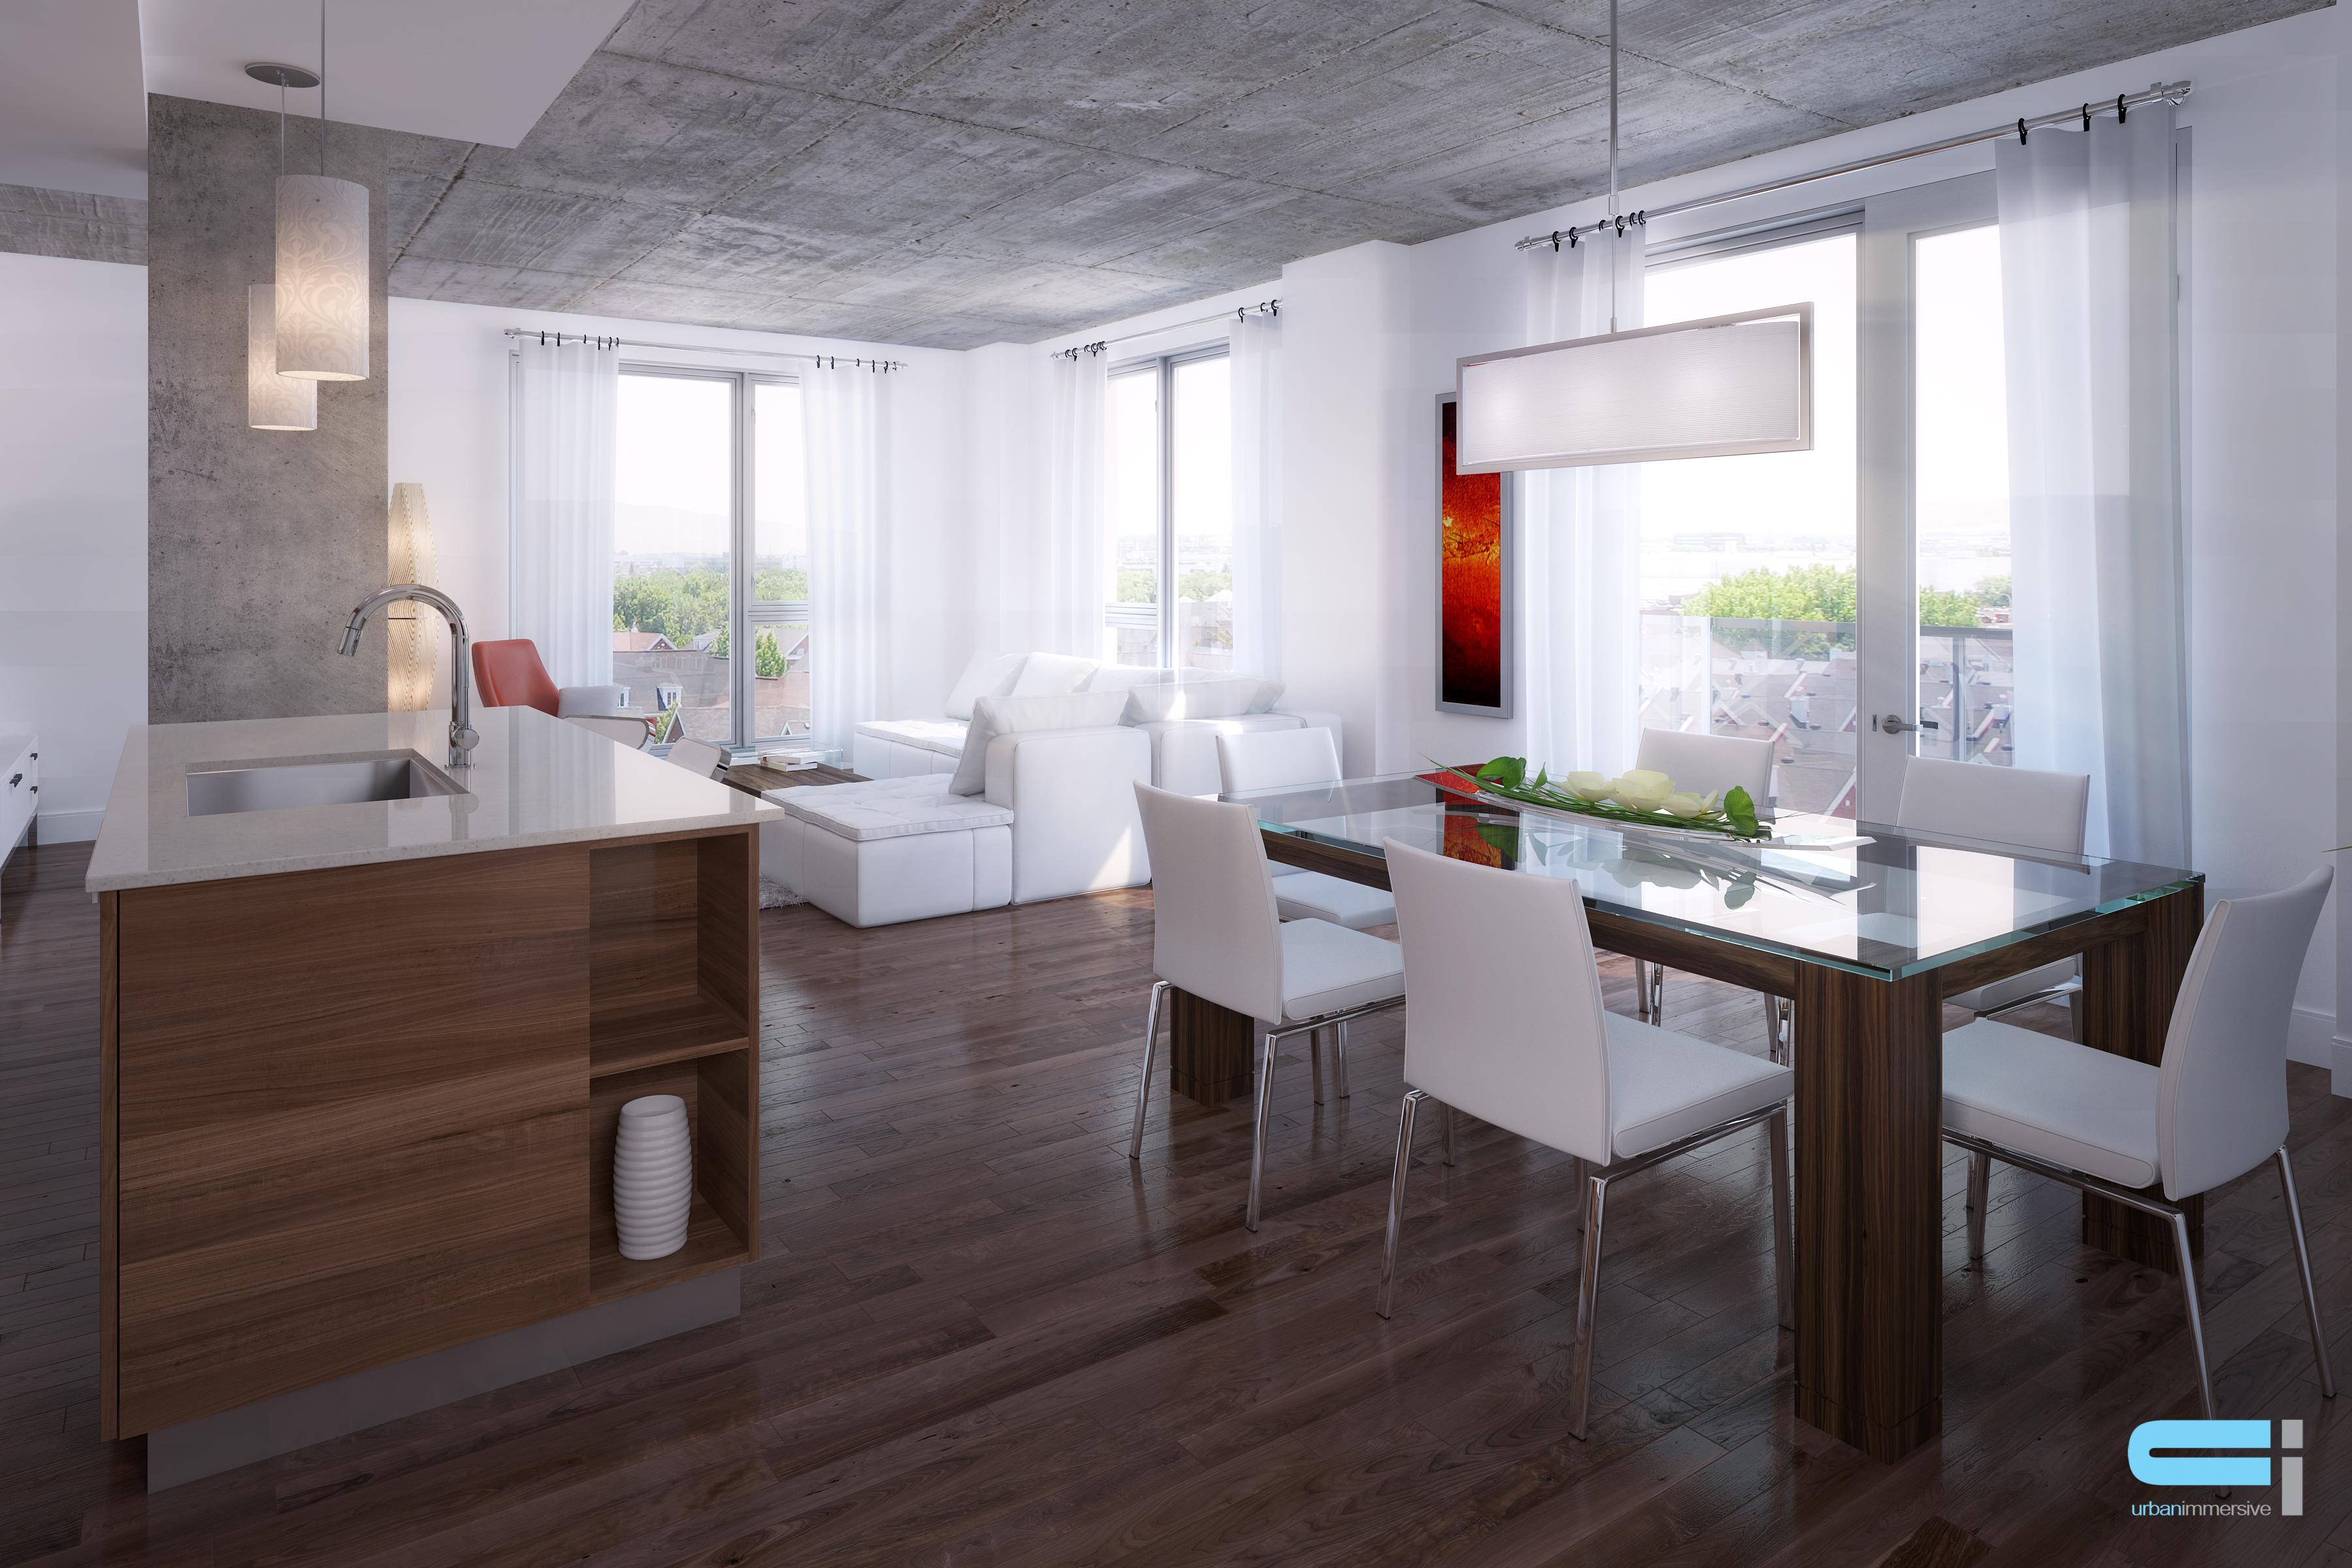 Exemple de décoration intérieur de style minimaliste.